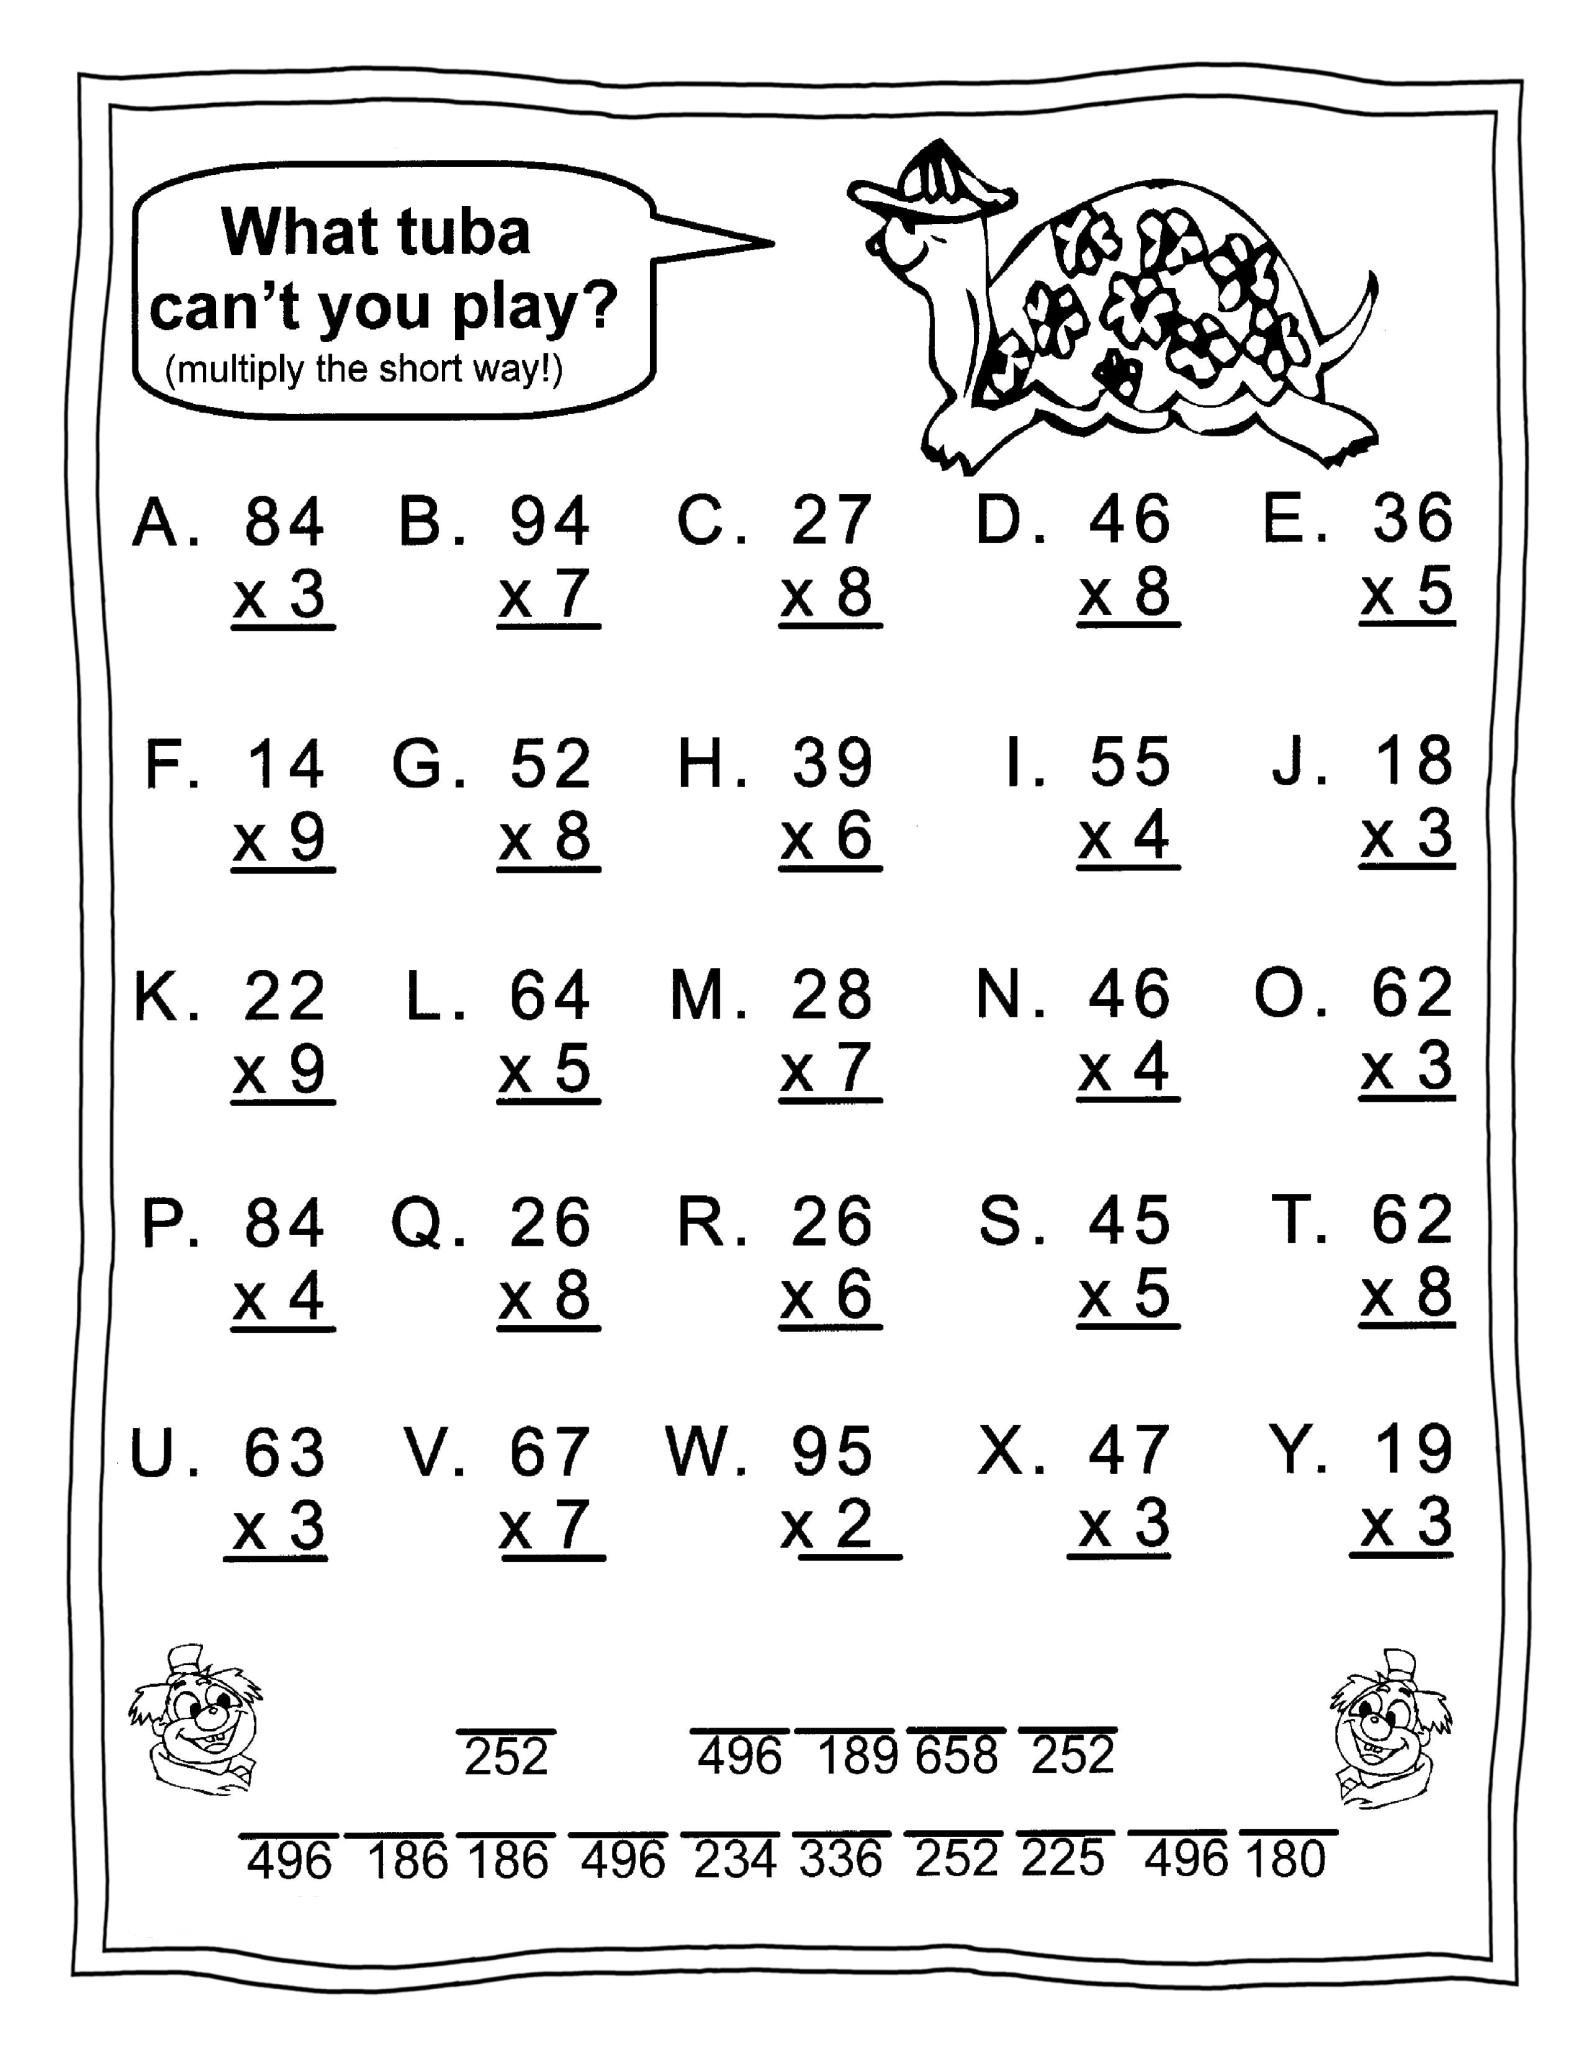 Reading Worksheets Mathematics 3Th Astonishing Image